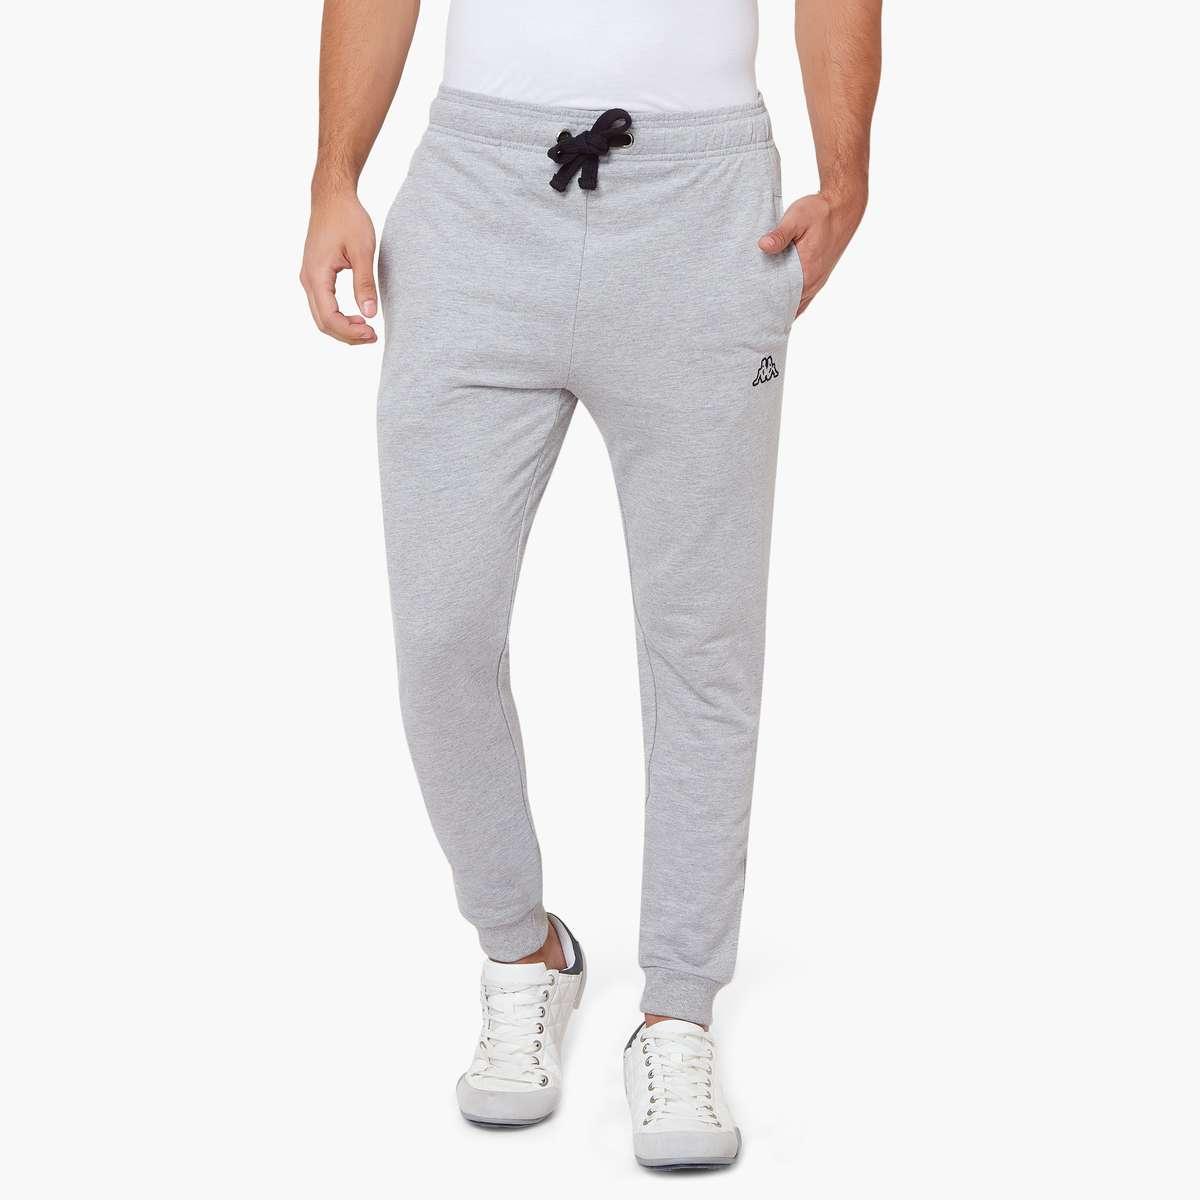 2.KAPPA Pocketed Jogger Trackpants